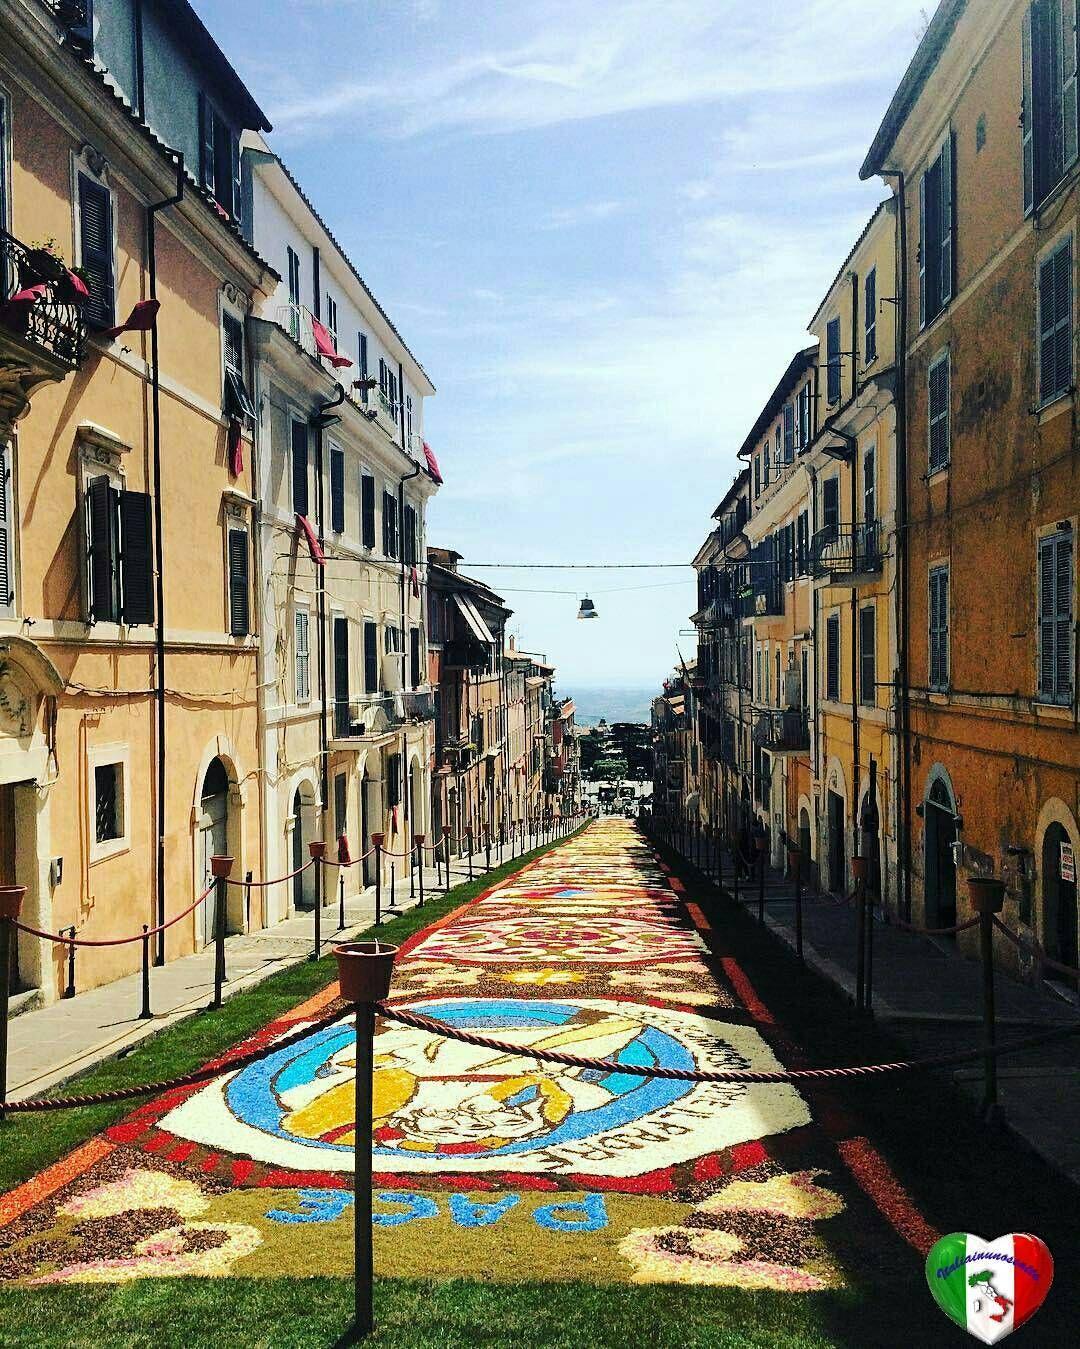 29 Maggio 2016   Foto di: @elisabetta8900   Luogo: Infiorata Genzano di Roma  Vi invitiamo a visitare la sua bellissima gallery Foto selezionata da Admin: @antoninoprinciotta   SEGUI  @italiainunoscatto  TAGGA #italiainunoscatto #italia_inunoscatto   Founser/Admin: @antoninoprinciotta   Altre nostre gallery:  @italiainunoscatto_bnw / #italiainunoscatto_bnw  @italiainunoscatto_splash / #italiainunoscatto_splash  @italiainunoscatto_hdr / #italiainunoscatto_hdr  #italiainunoscatto_hdr_sunset…